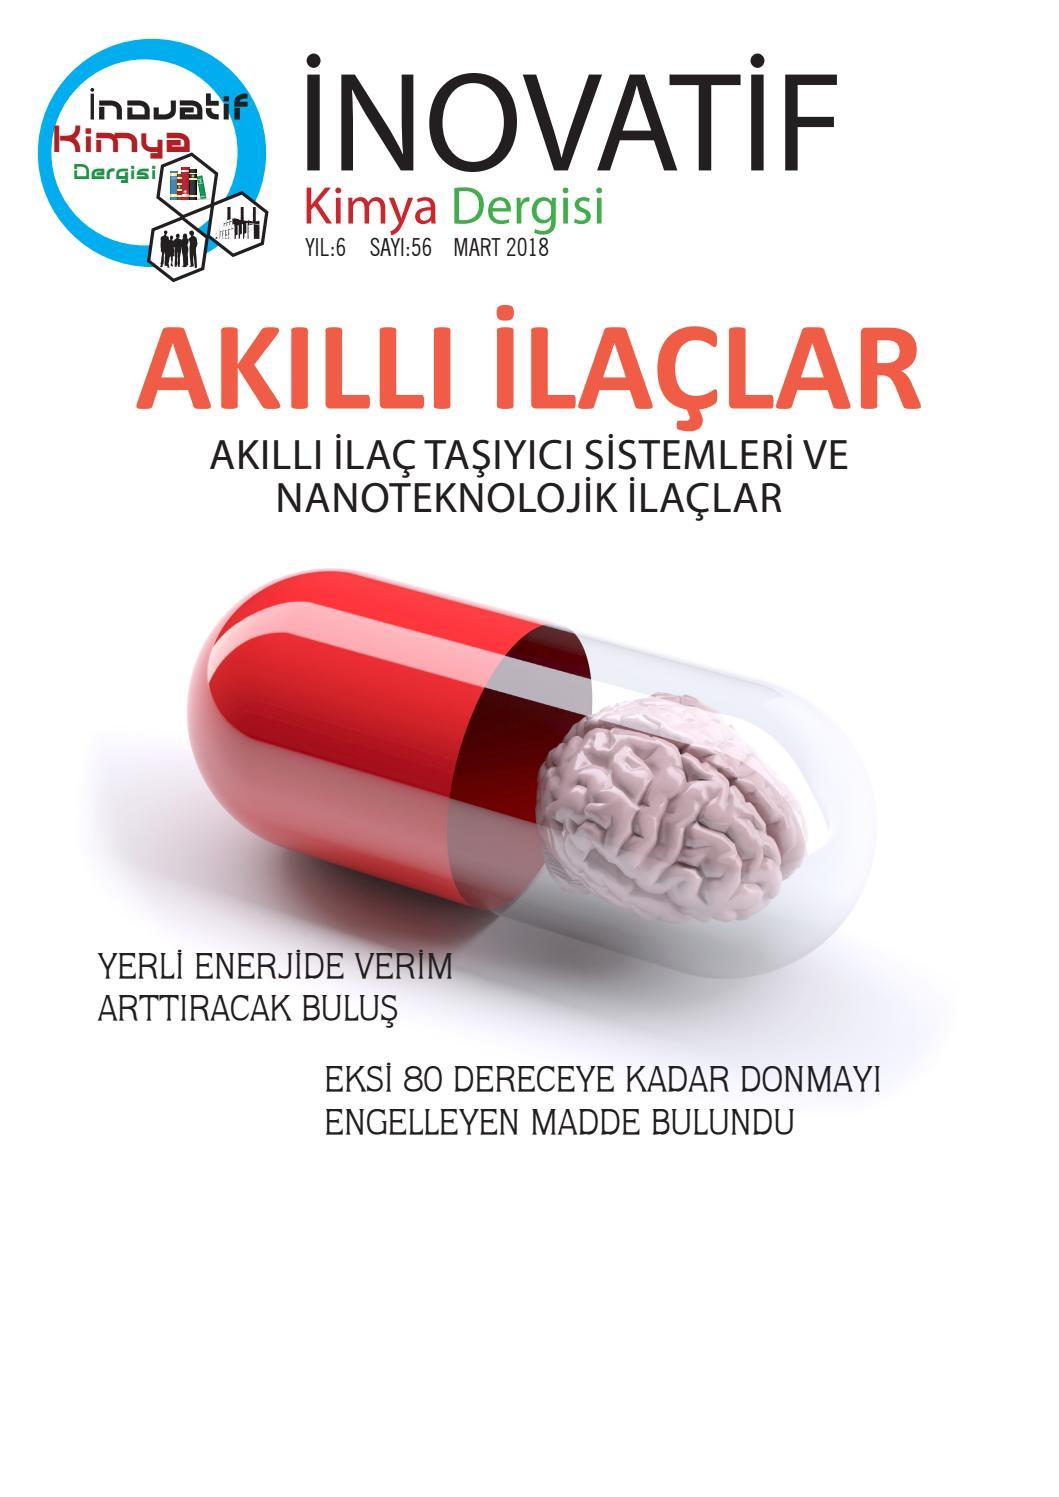 İlaç Viru-Merz. Kullanım talimatları